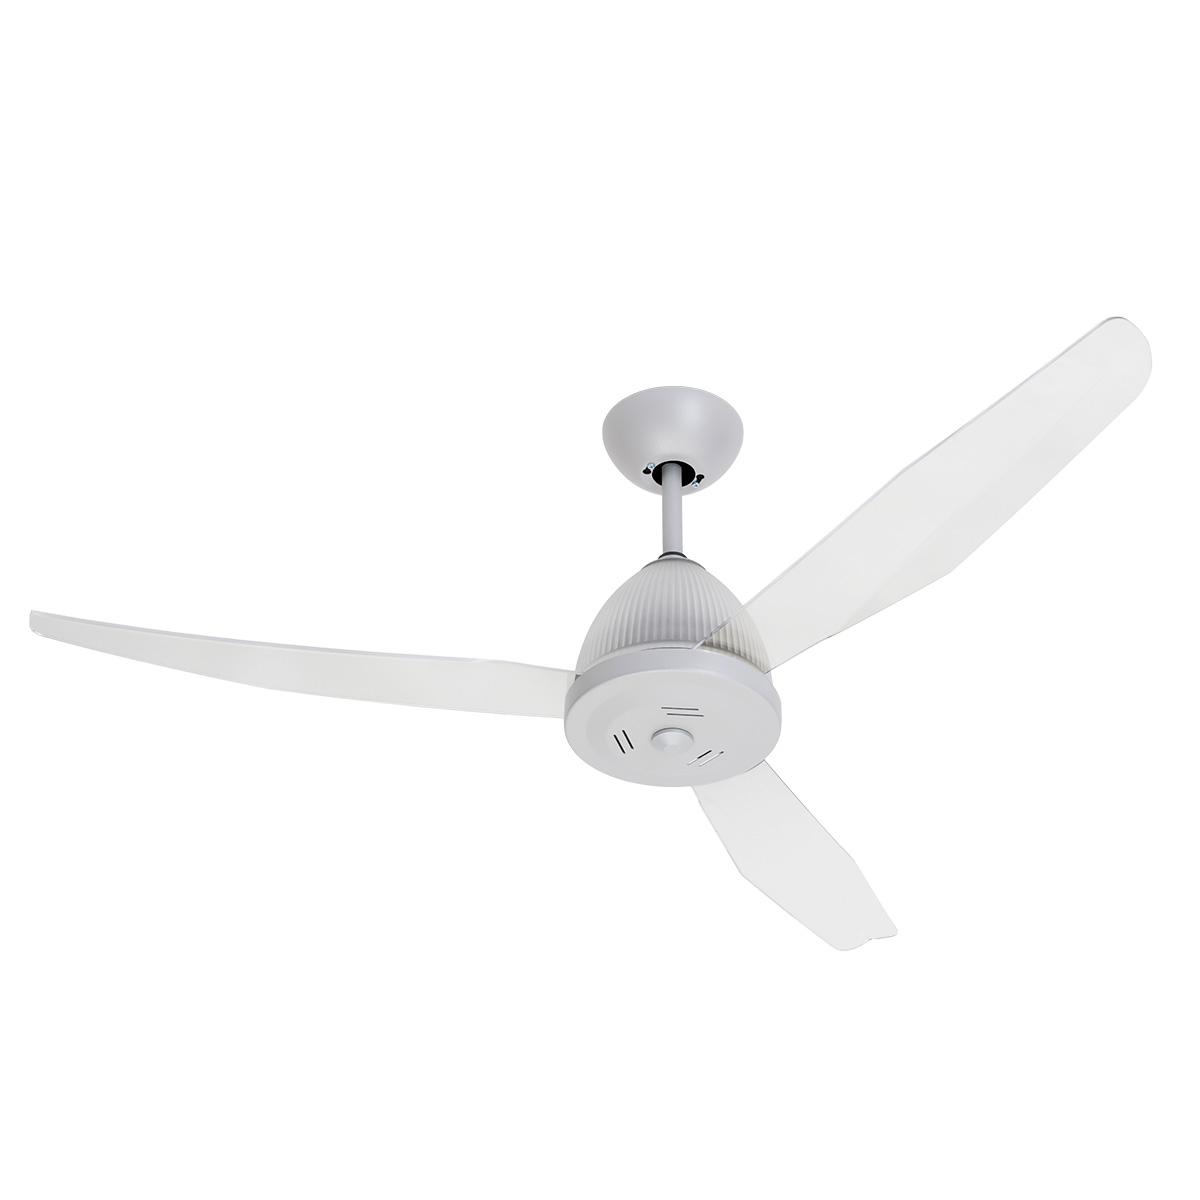 Ανεμιστήρας οροφής χωρίς φως GHOST no-light ceiling fan